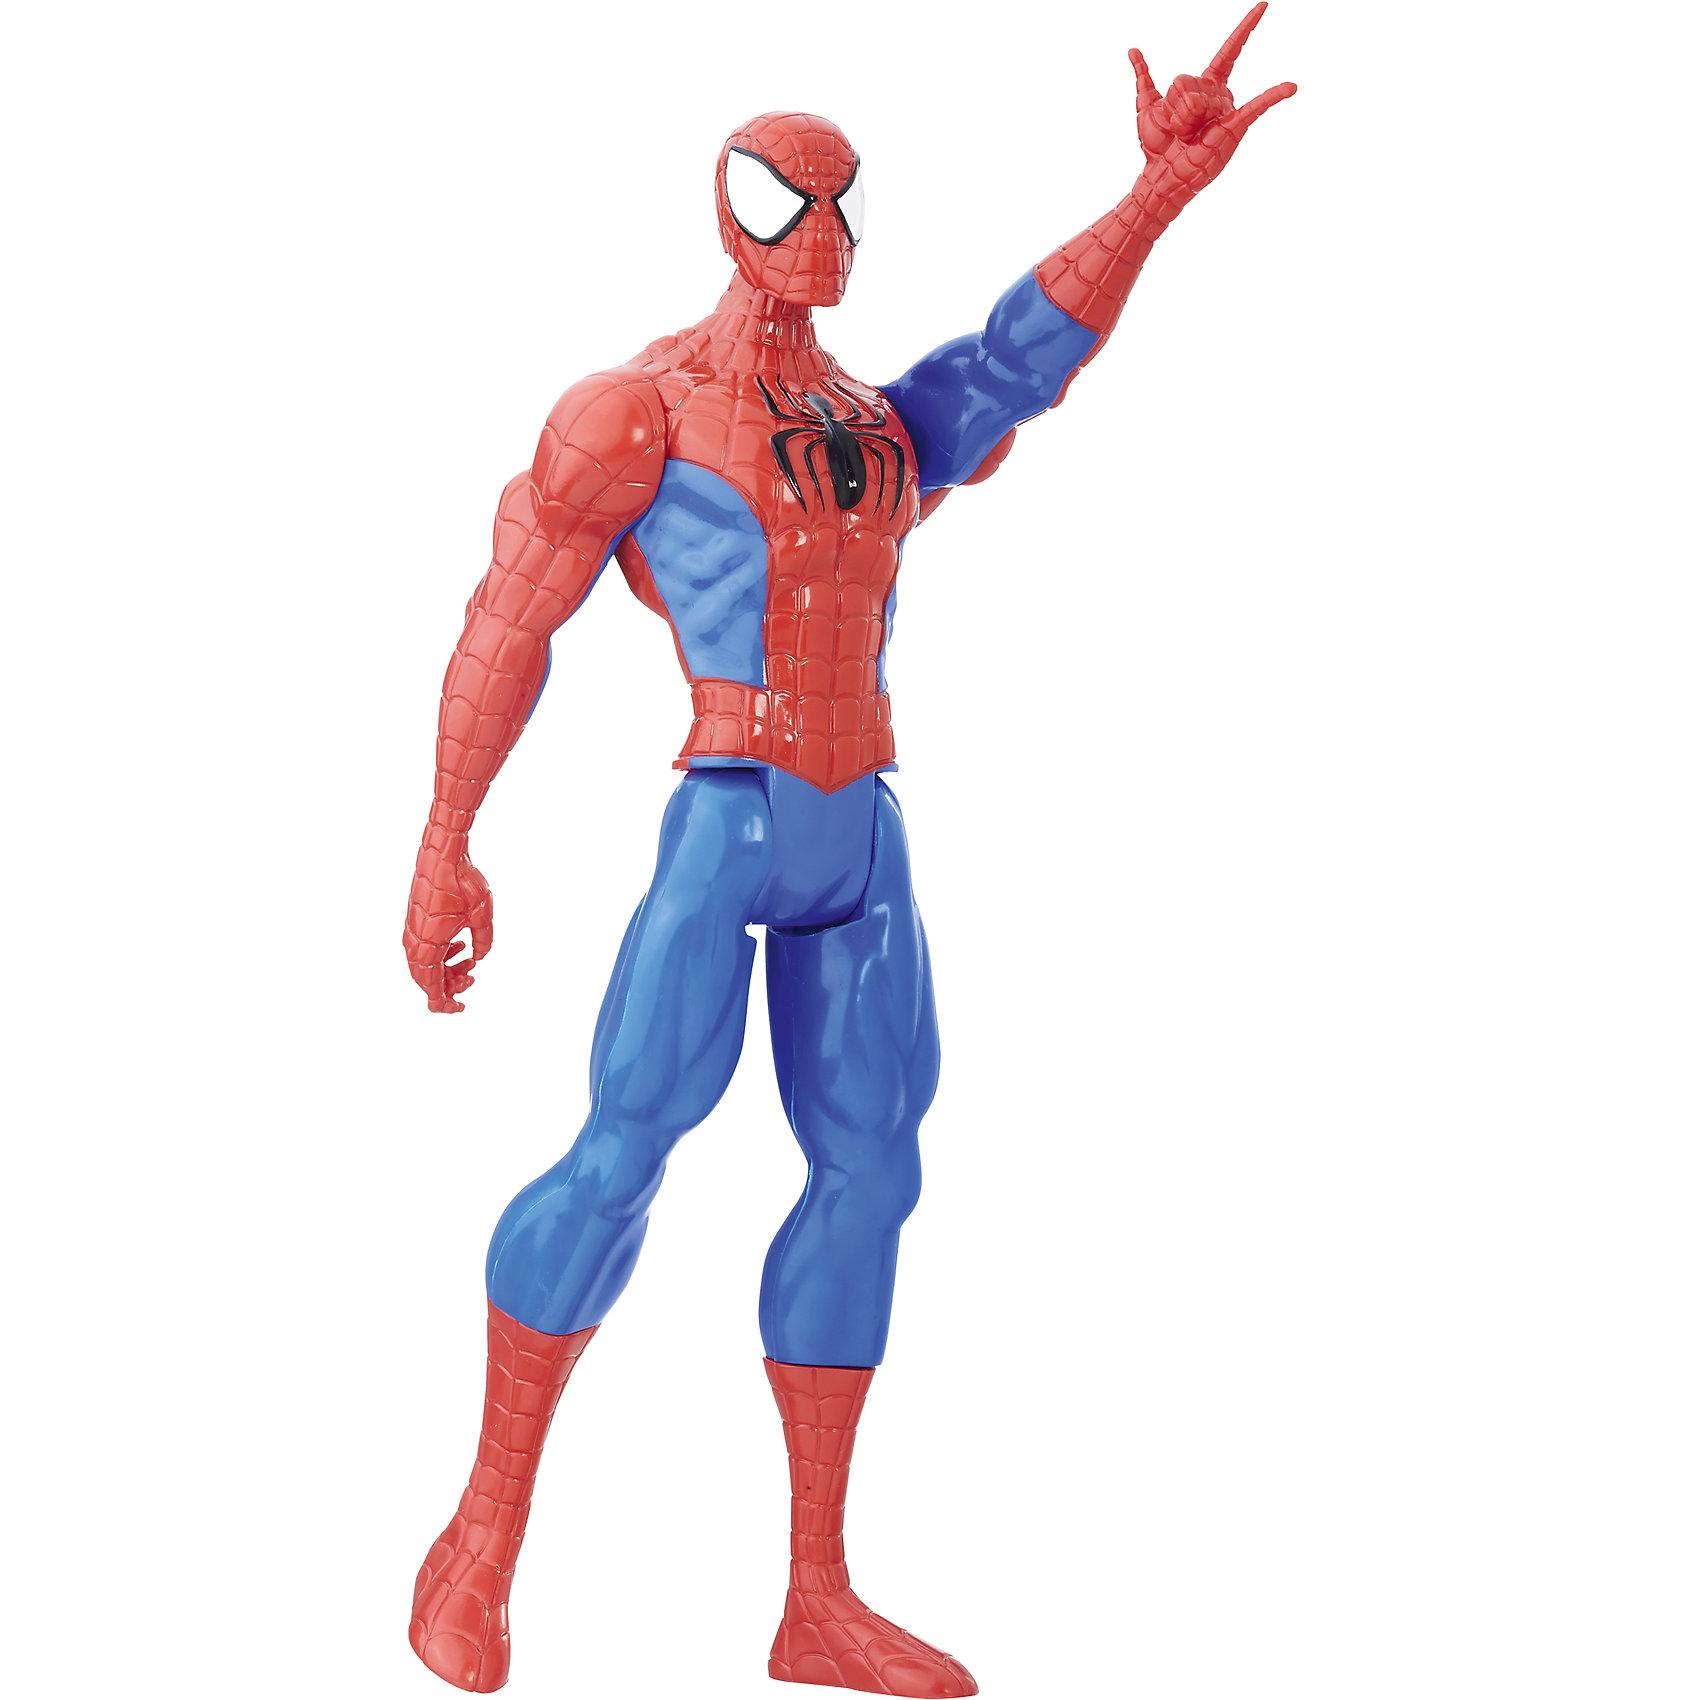 Фигурка Титаны: Человек-Паук, МстителиФигурка Титаны: Человек-Паук, Мстители<br><br>Характеристики:<br><br>- в набор входит: одна фигурка Человека-паука в упаковке<br>- состав: пластик<br>- высота фигурки: 30 см.<br>- размер упаковки: 30 * 5 * 10 см.<br>- для детей в возрасте: от 4 до 12 лет<br>- Страна производитель: Китай<br><br>Легендарные фигурки героев комиксов и фильмов Marvel (Марвел) от известной компании производства качественных игрушек Hasbro (Хасбро). Специальная серия Titan Hero (Герои-титаны) 2017 года собрала в себя только самый популярных героев и воплотила их в виде отличных фигурок с прекрасной детализацией. Фигурка этого набора – Человек-Паук, подросток Питер Паркер с суперспособостями. Ранее в комиксах подрости были только помощниками супергероев и Человек-паук стал одним из первых самостоятельных героев его возраста. <br><br>Большая фигурка отлично детализирована, его правая рука будто уже выпускает паутины чтобы побеждать врагов или цепляться за края зданий чтобы быстро передвигаться по городу. Красные части костюма детализированы под узор паутины и имеют рельефные выемки. Мощная мускулатура героя отлично видна на фигурке. Голова, руки и ноги героя поворачиваются, а так же можно поворачивать ноги в икрах. Соберите всю коллекцию легенд Марвел у себя дома и моделируйте разные сценки из комиксов и фильмов вместе с фигурками от Hasbro (Хасбро).<br><br>Фигурку Титаны: Человек-Паук, Мстители можно купить в нашем интернет-магазине.<br><br>Ширина мм: 51<br>Глубина мм: 102<br>Высота мм: 305<br>Вес г: 253<br>Возраст от месяцев: 48<br>Возраст до месяцев: 144<br>Пол: Мужской<br>Возраст: Детский<br>SKU: 5385788